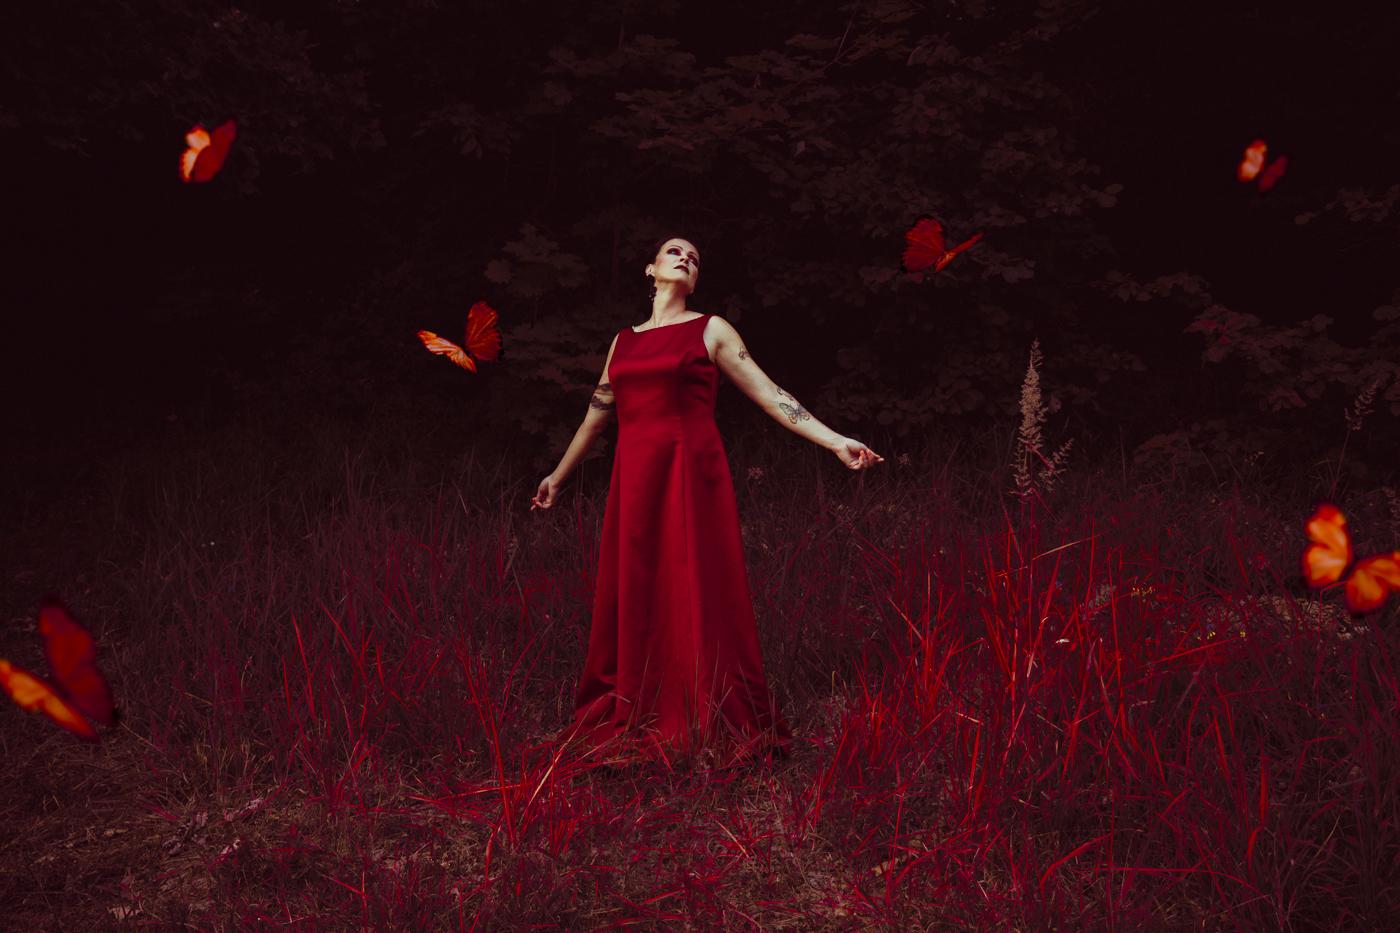 fantaasiasessioon, Fantaasiafotod, fantaasiasessioon, fantaasia, müstiline loodus